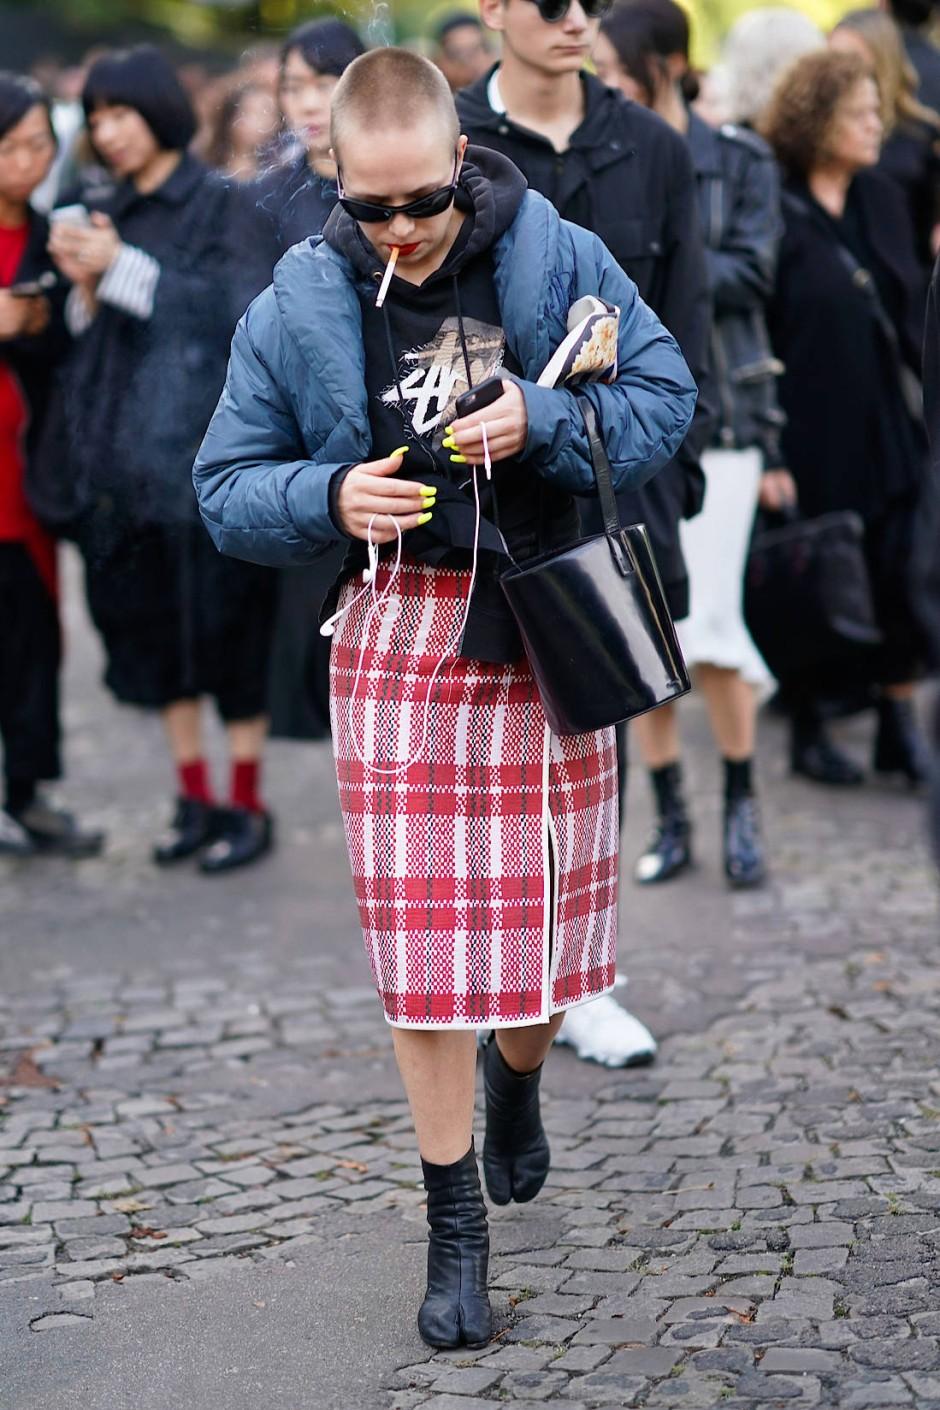 Fast ein bisschen irre: Mode in Zeiten des erhöhten Anpassungsdrucks.